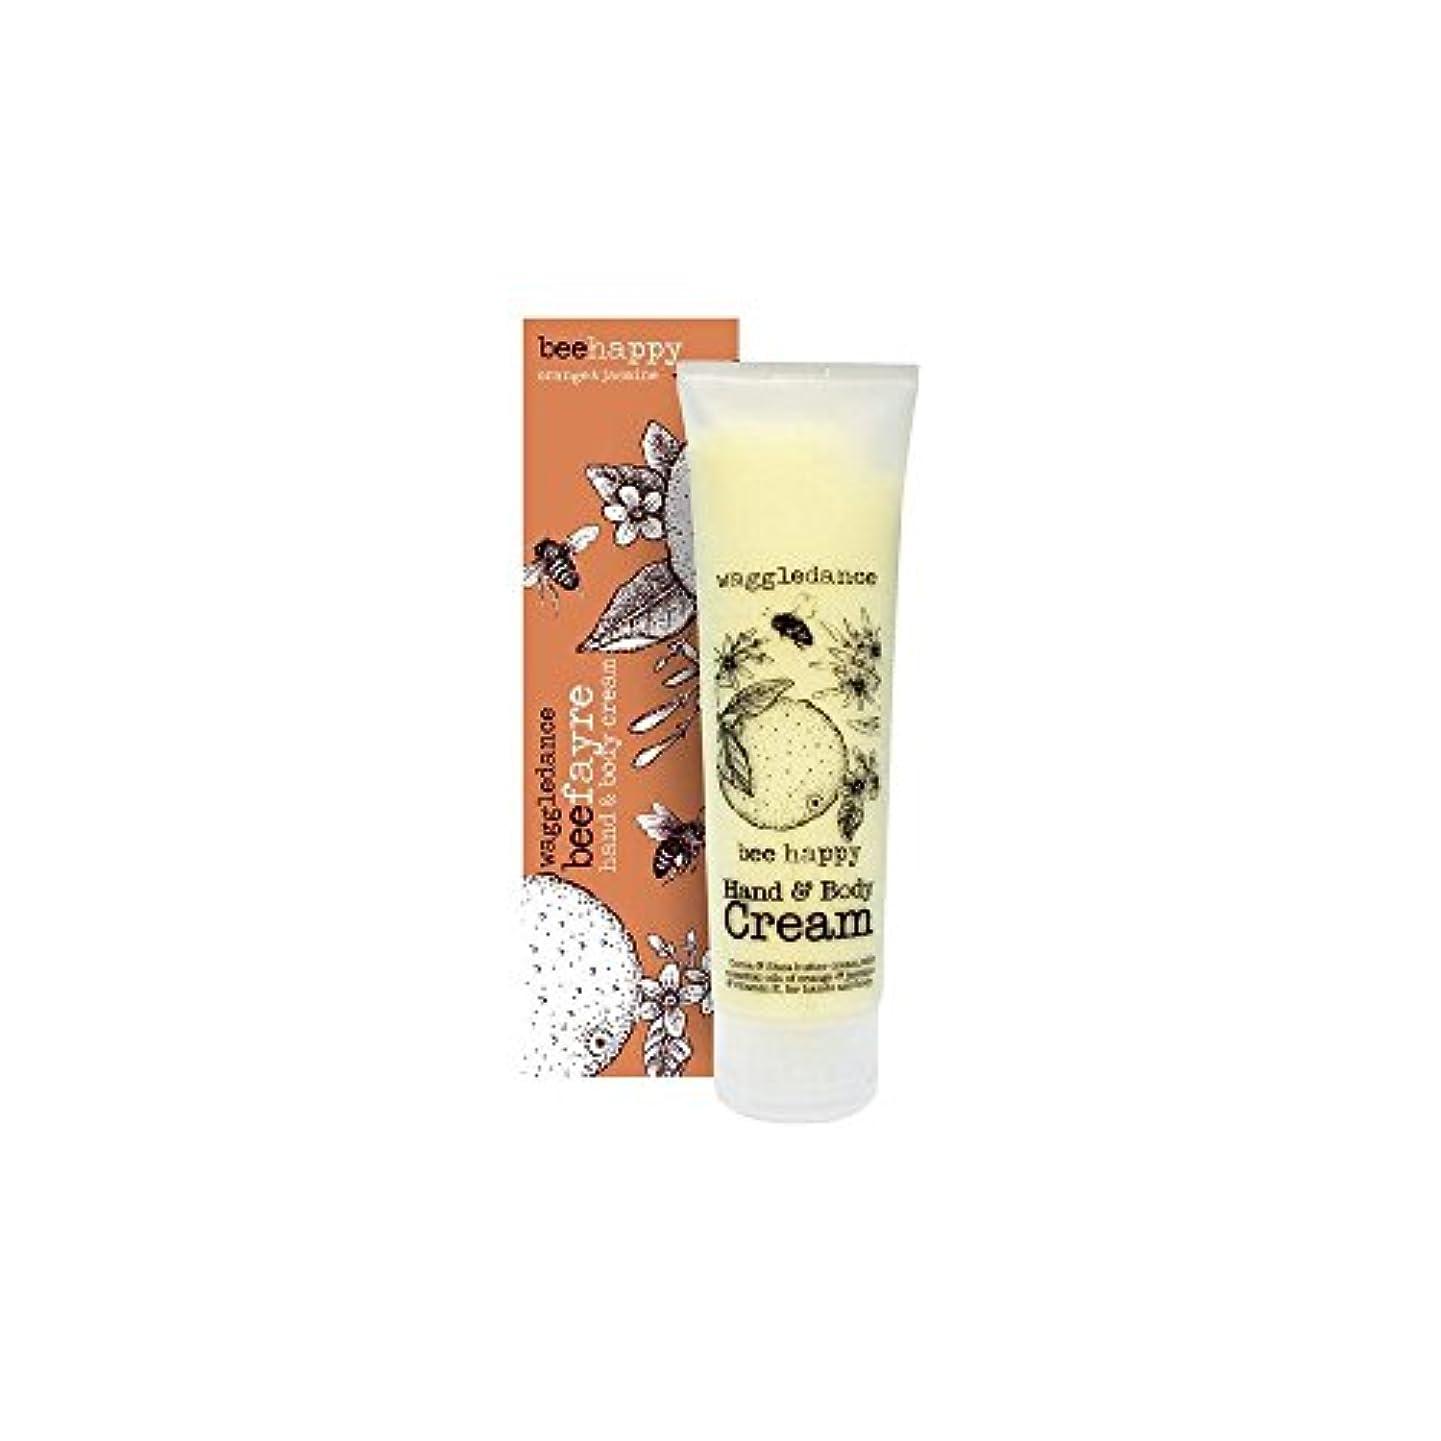 無一文打たれたトラックフェードBeefayre Bee Happy Hand & Body Cream (100ml) Beefayre蜂幸せな手とボディクリーム( 100ミリリットル) [並行輸入品]